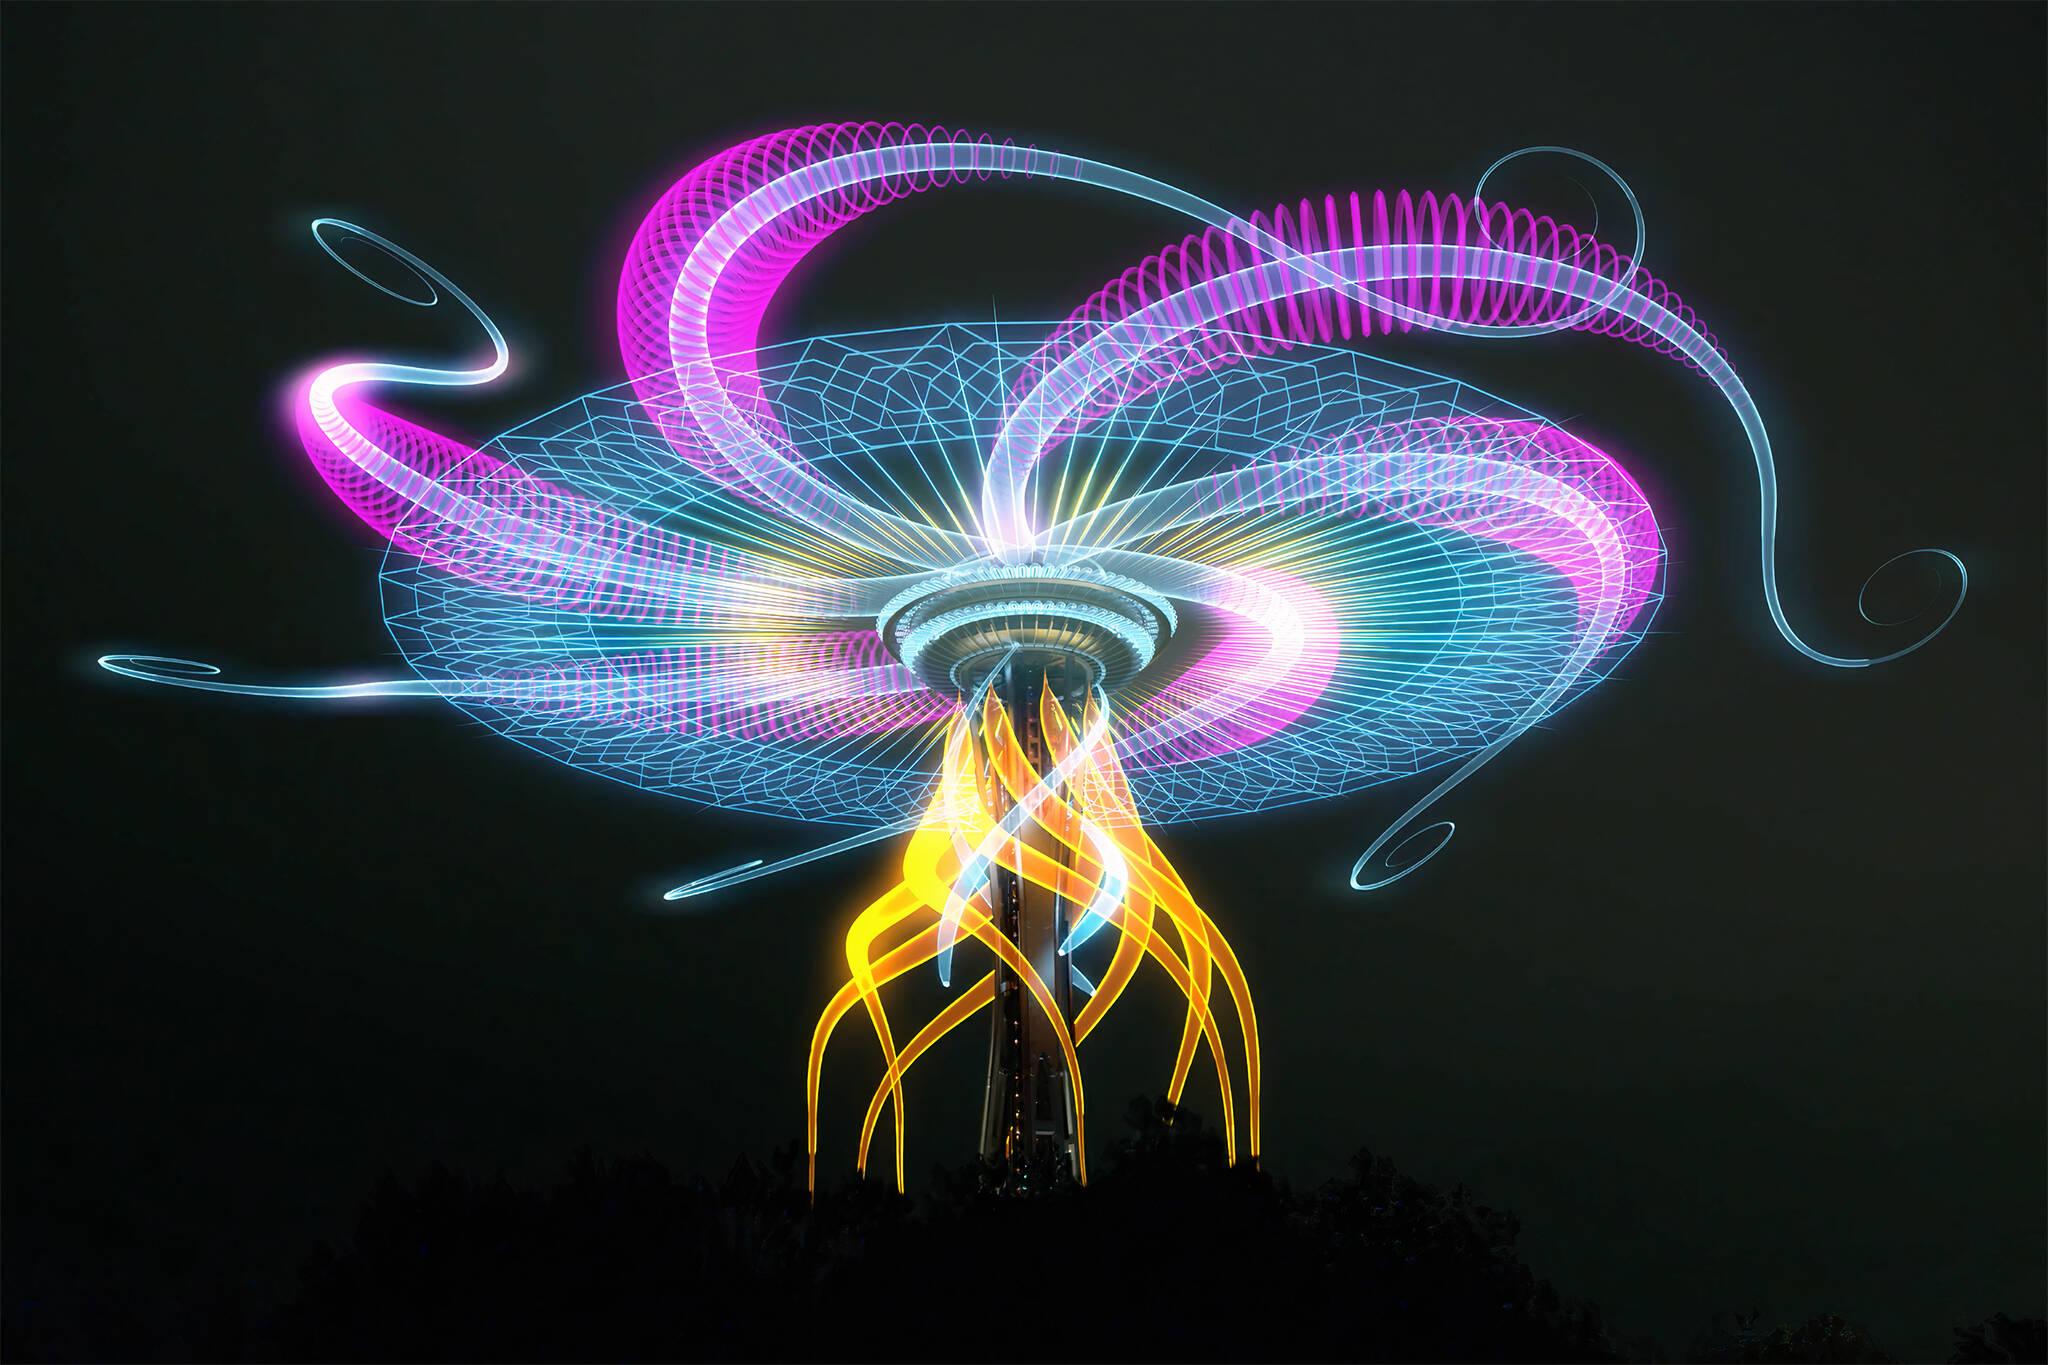 cn tower light show